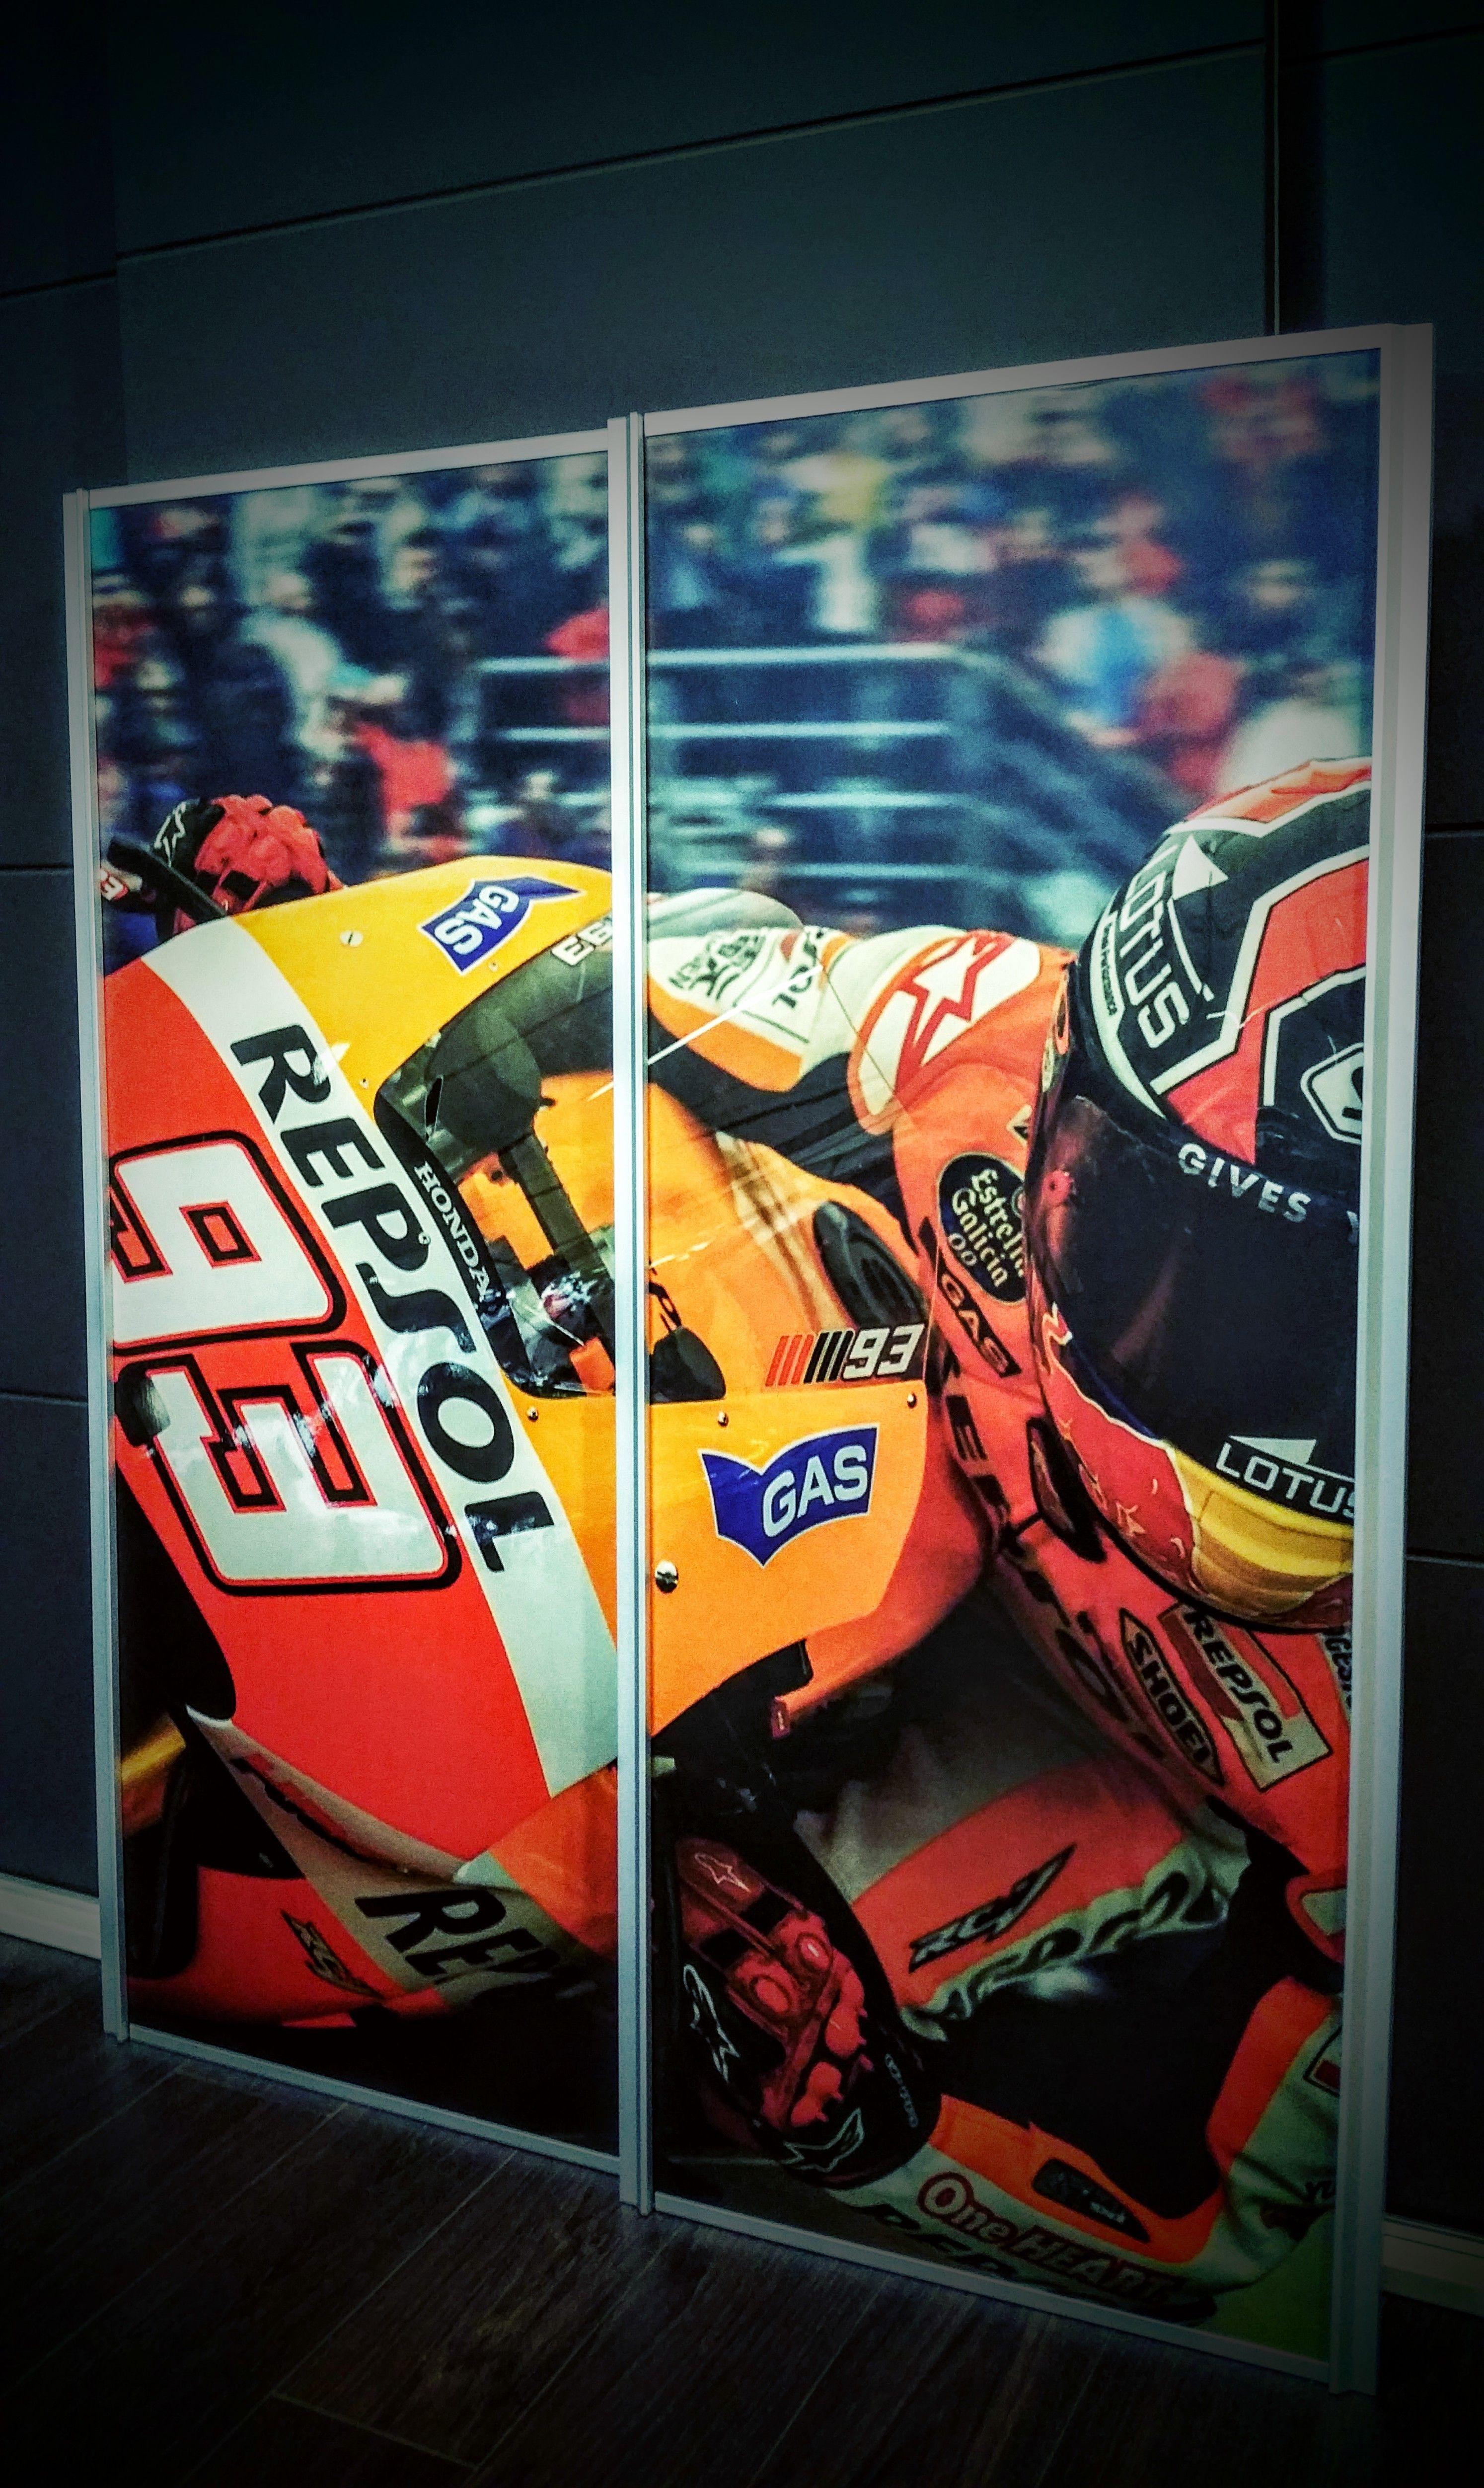 Op dit ontwerp is gekozen voor een foto van de motorrijder Marc Maquez! Wij zorgen ervoor dat de gekozen foto zo precies mogelijk in elkaar overloopt zoals bij deze schuifpanelen. Ontwerp zelf op onze site, www.schuifwandmaken.nl